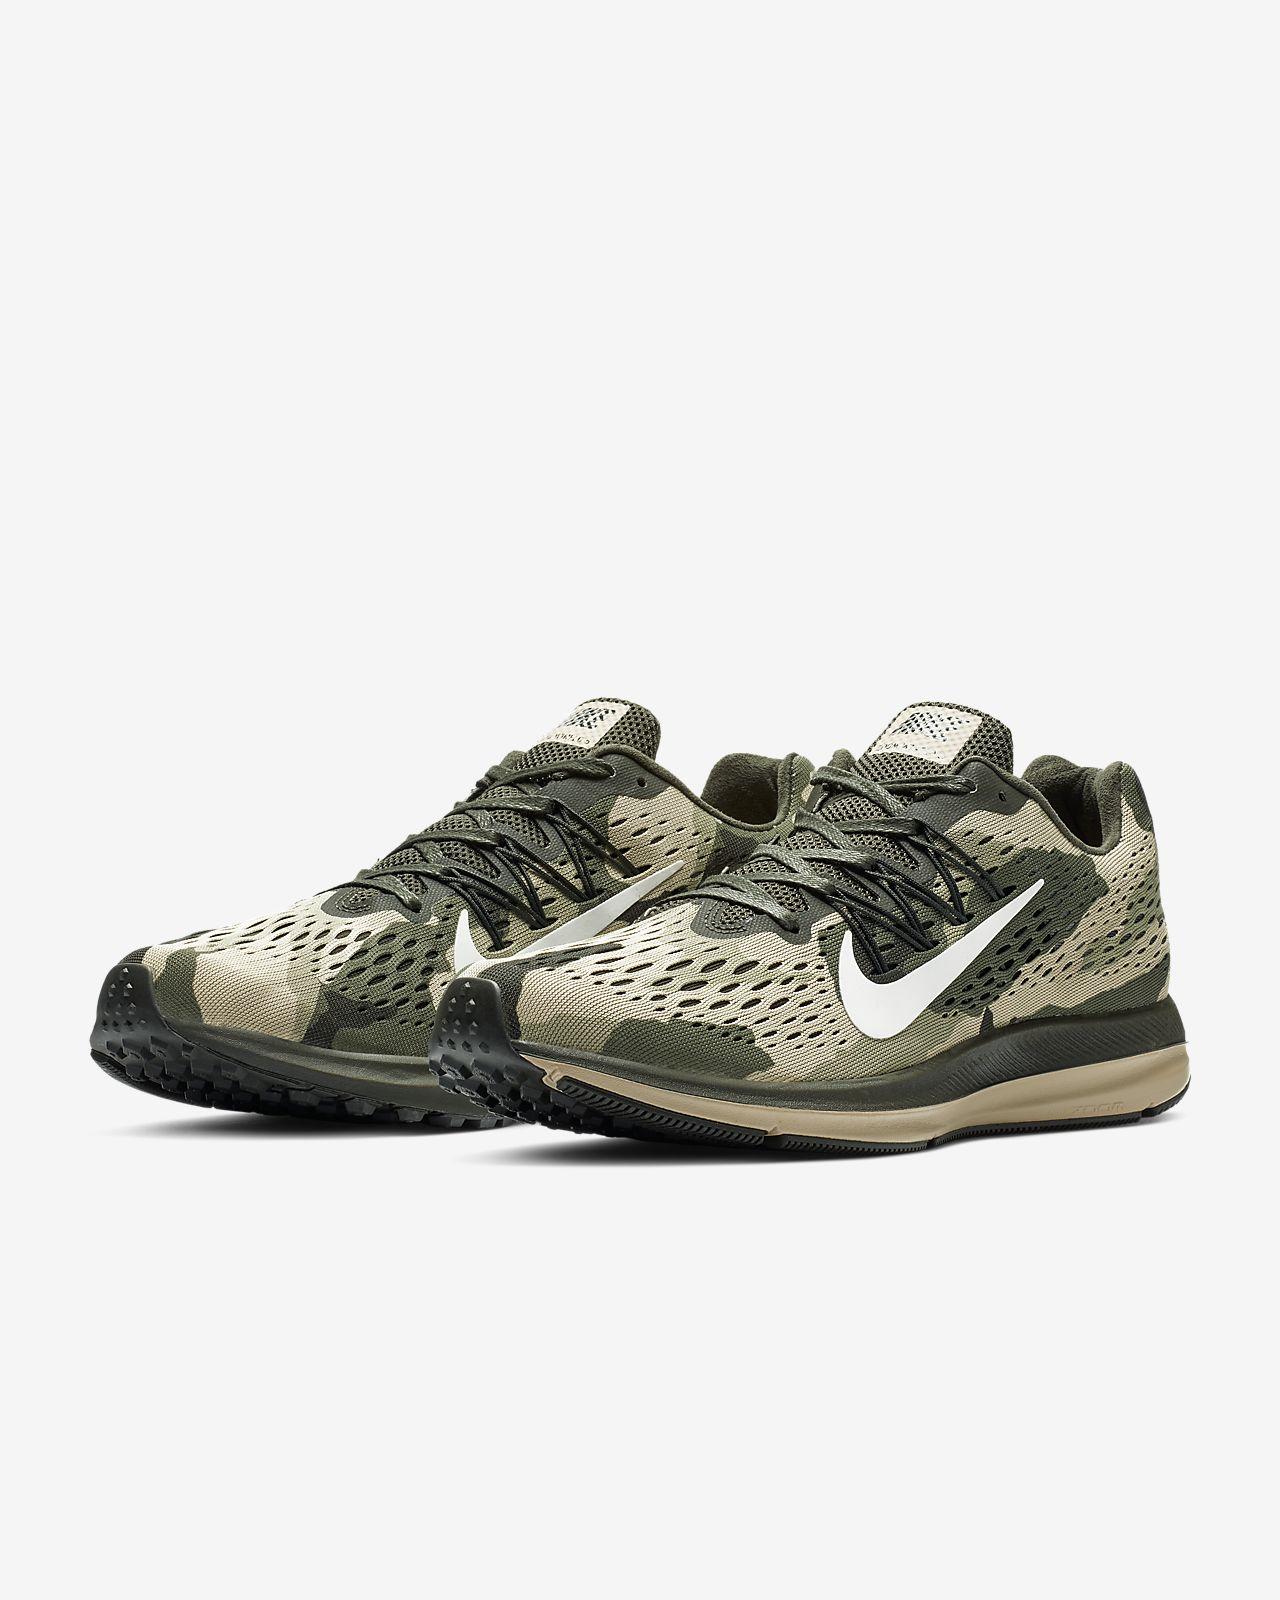 00cb38407921 Nike Air Zoom Winflo 5 Camo Men s Running Shoe. Nike.com